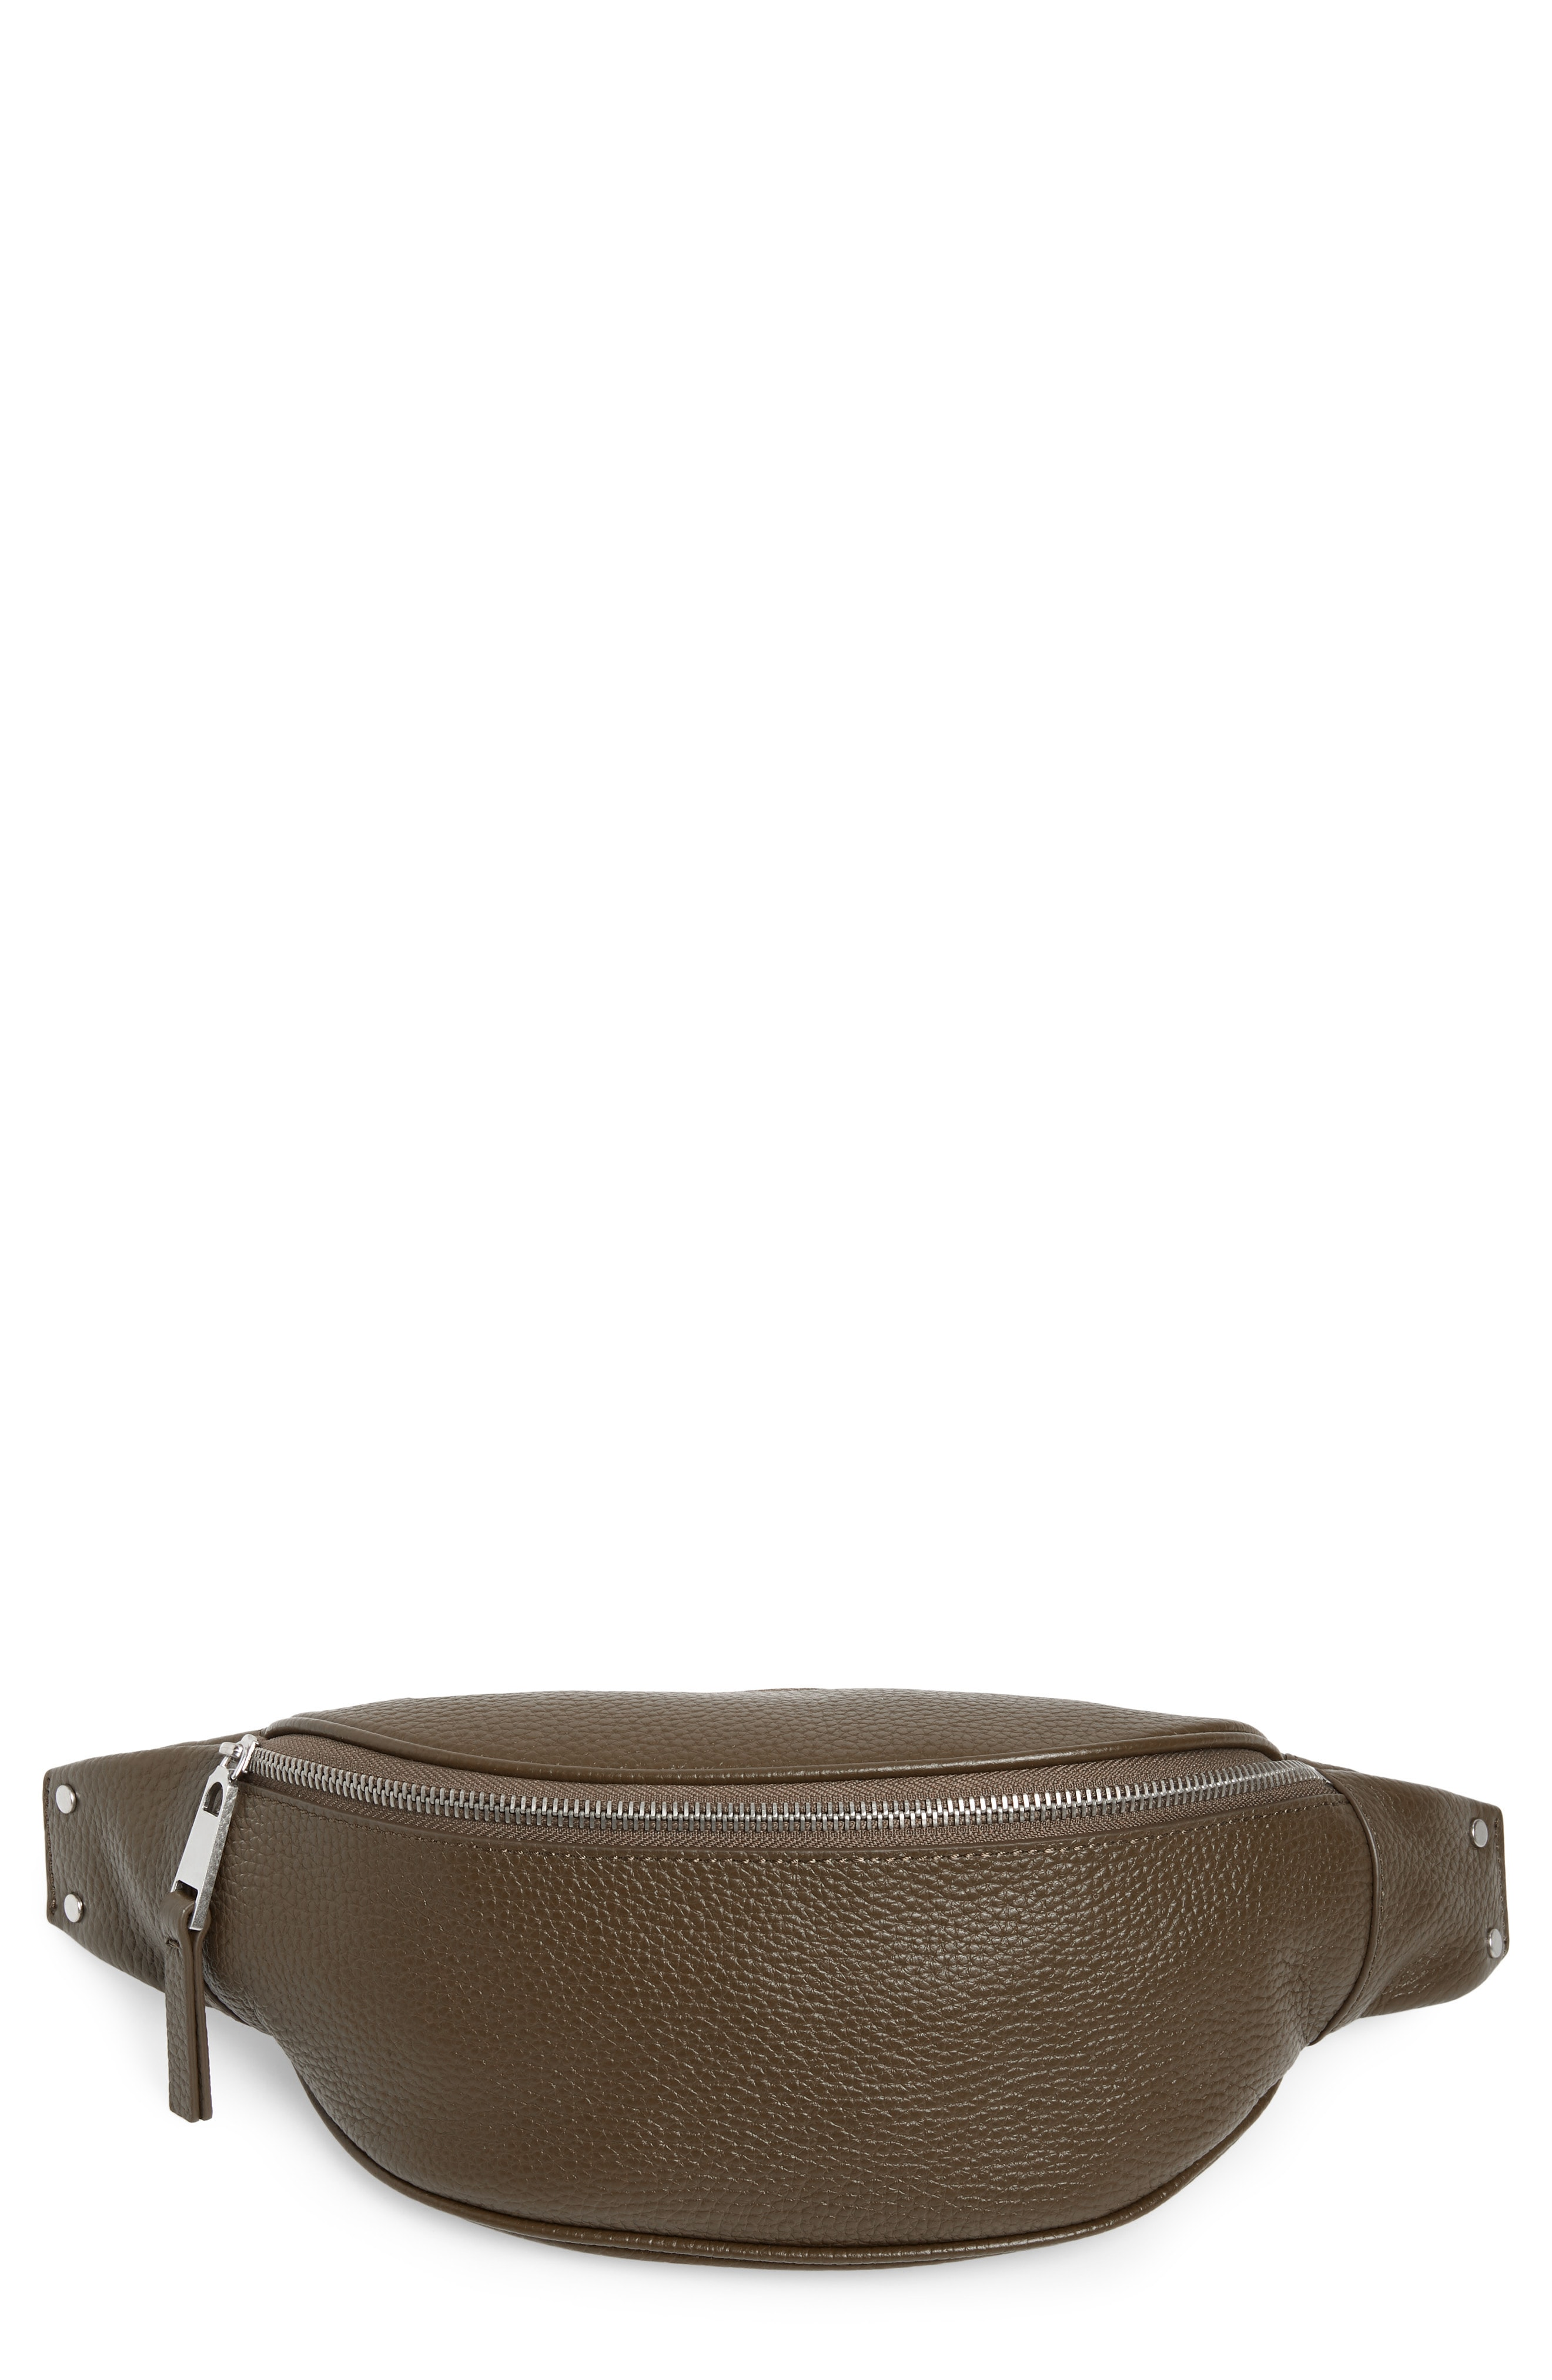 Treasure & Bond Mason Pebbled Leather Belt Bag